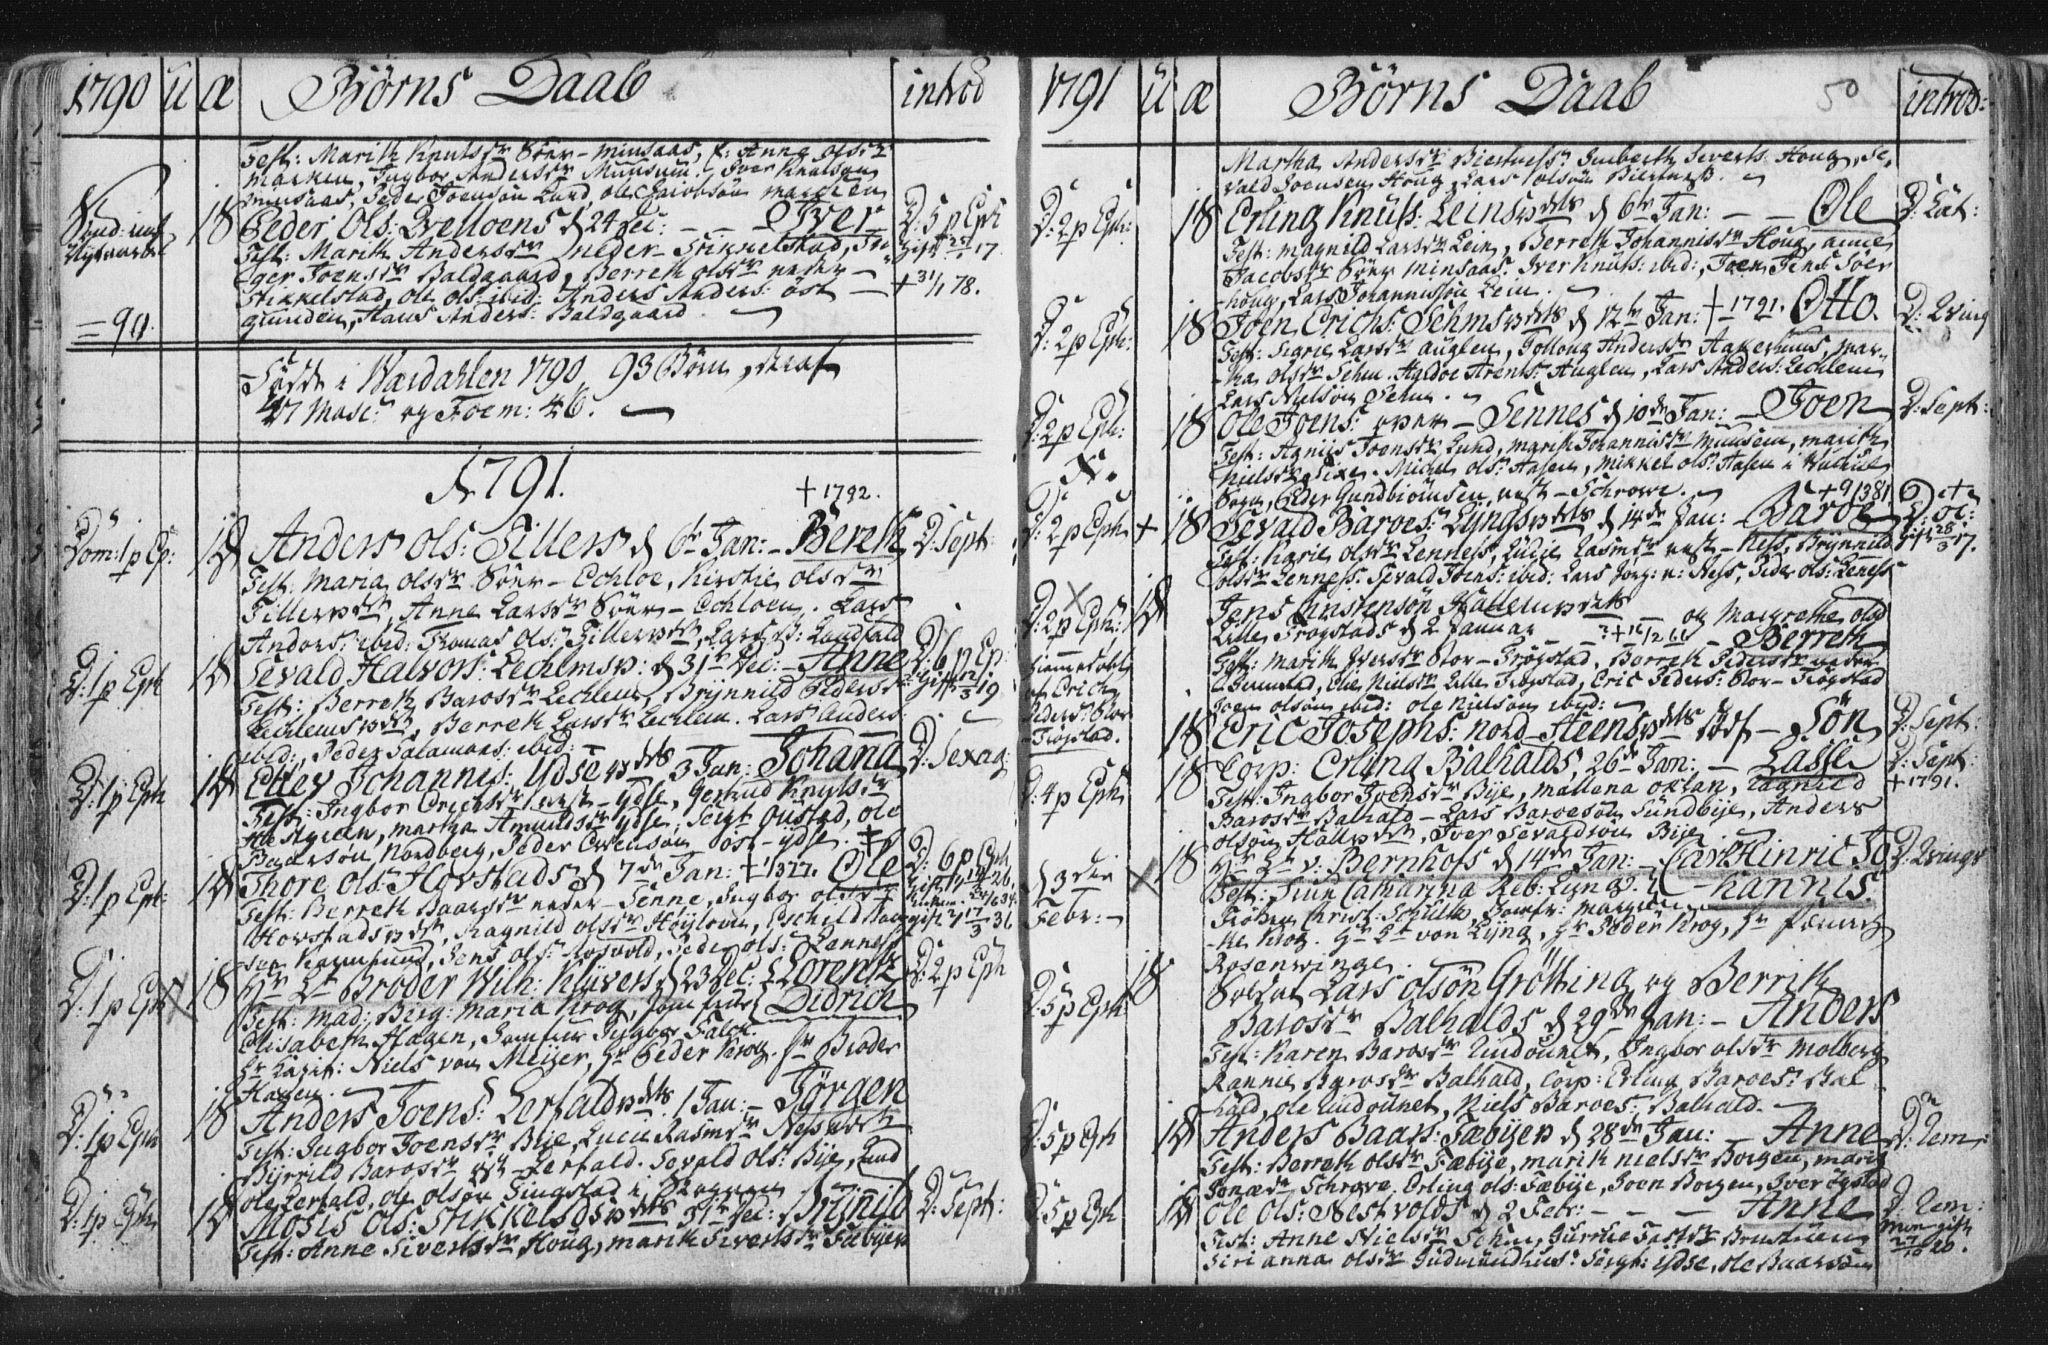 SAT, Ministerialprotokoller, klokkerbøker og fødselsregistre - Nord-Trøndelag, 723/L0232: Ministerialbok nr. 723A03, 1781-1804, s. 50